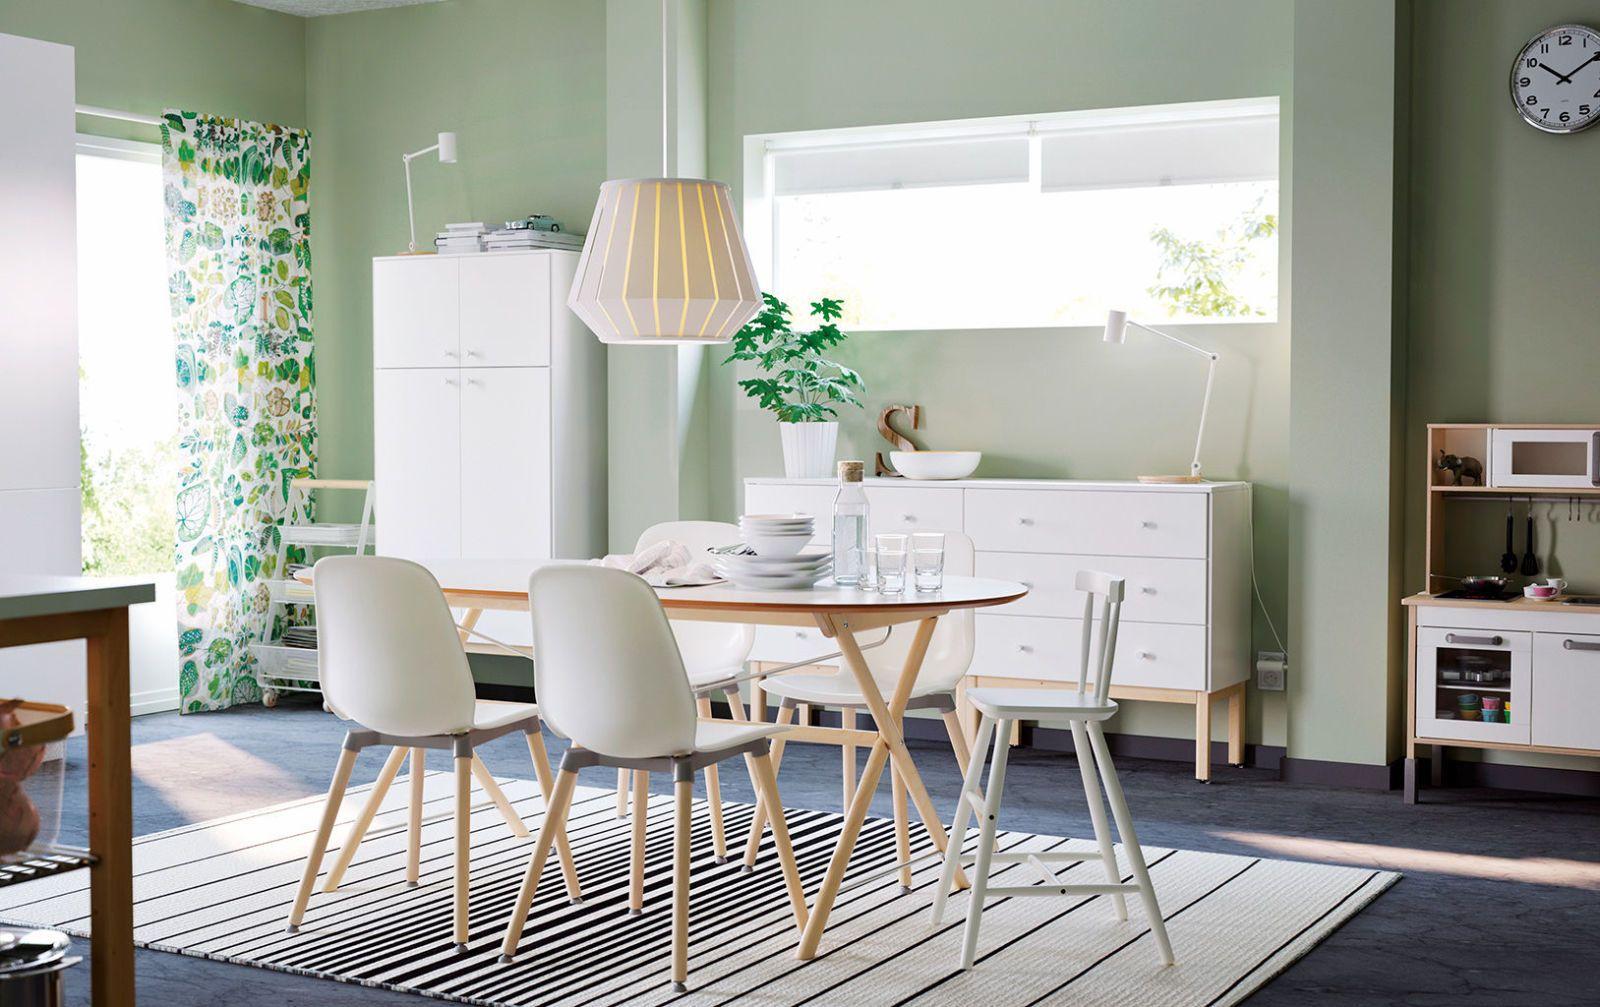 Mueble comedor ikea elegant muebles de comedor ikea for Ikea compra tus muebles